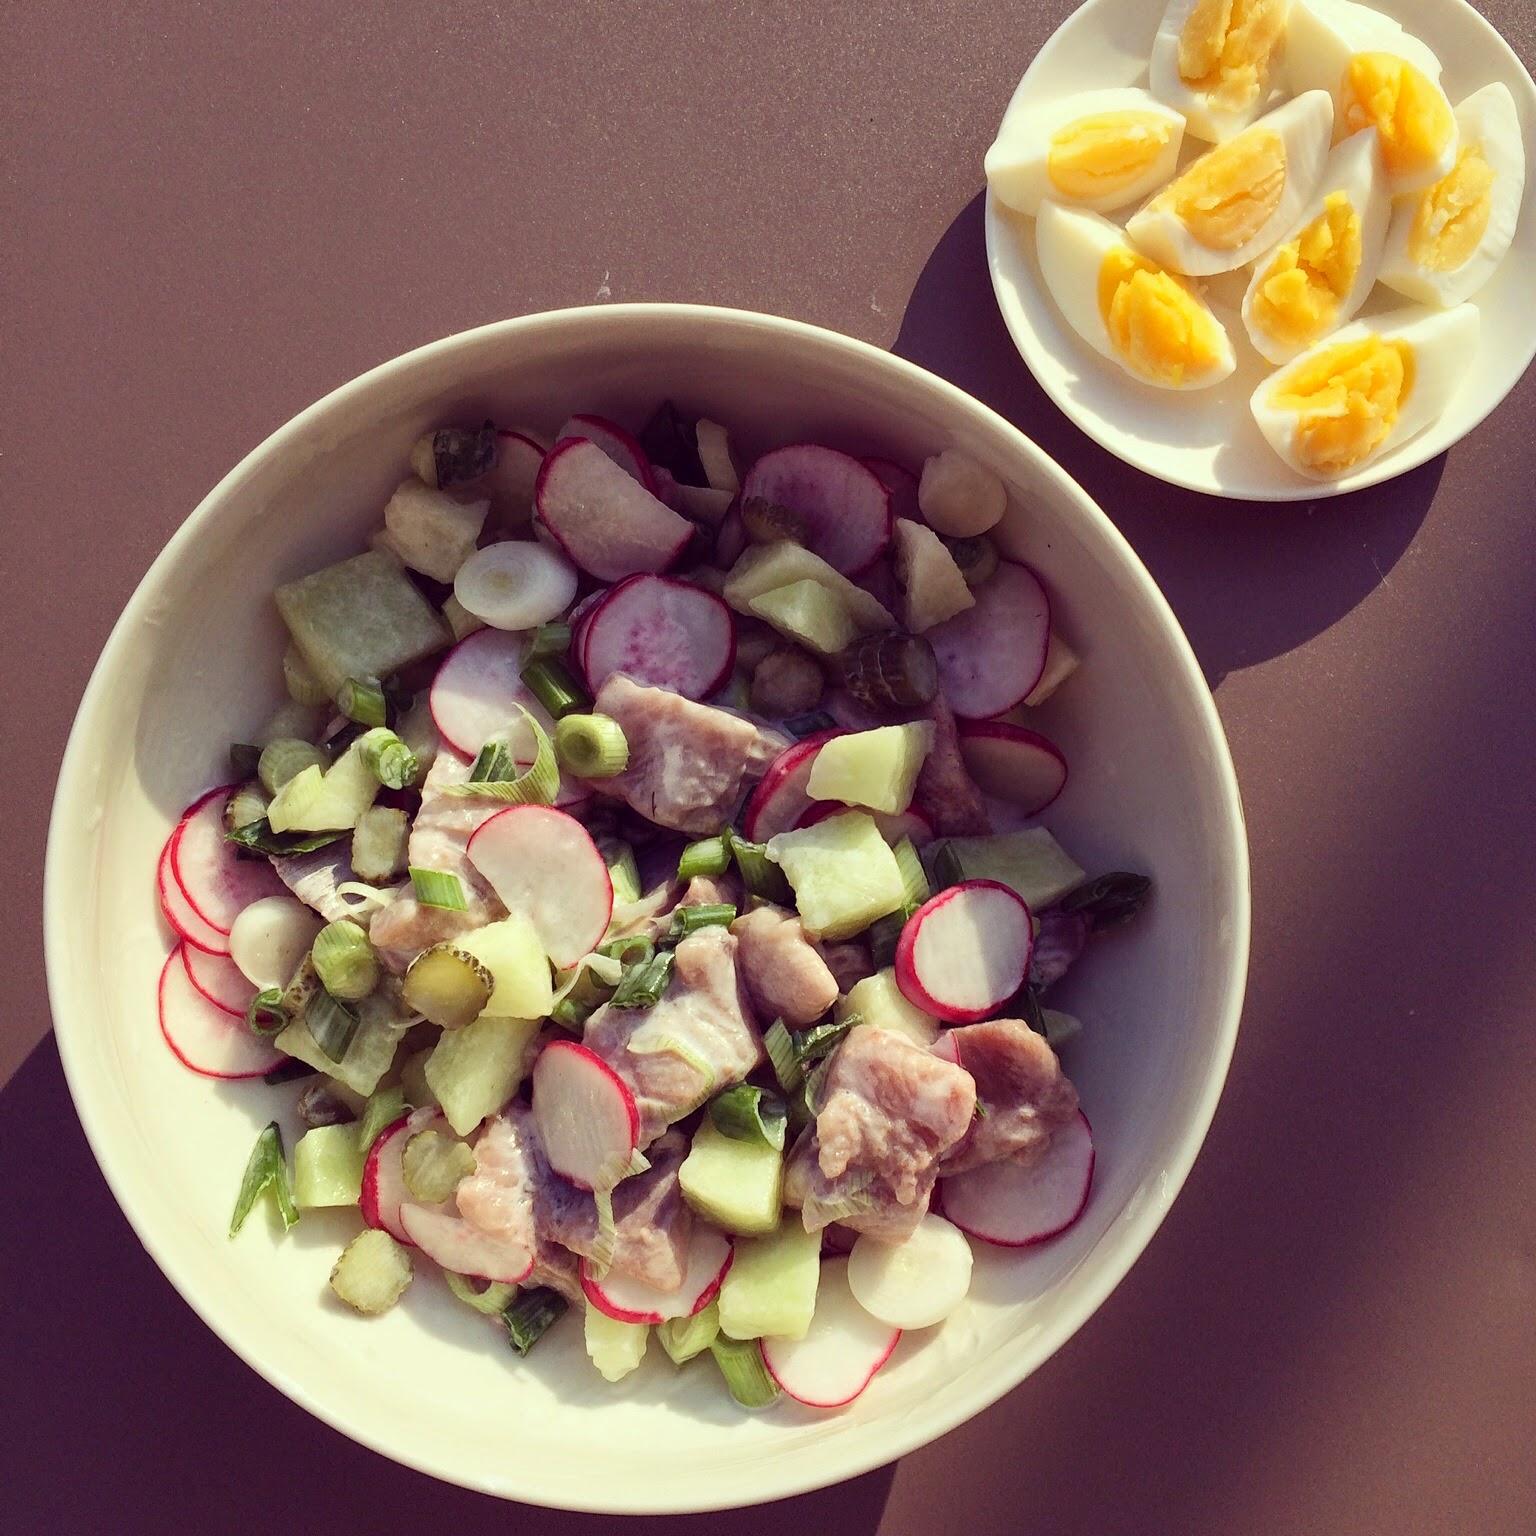 salade harengs marinés melon radis oeufs